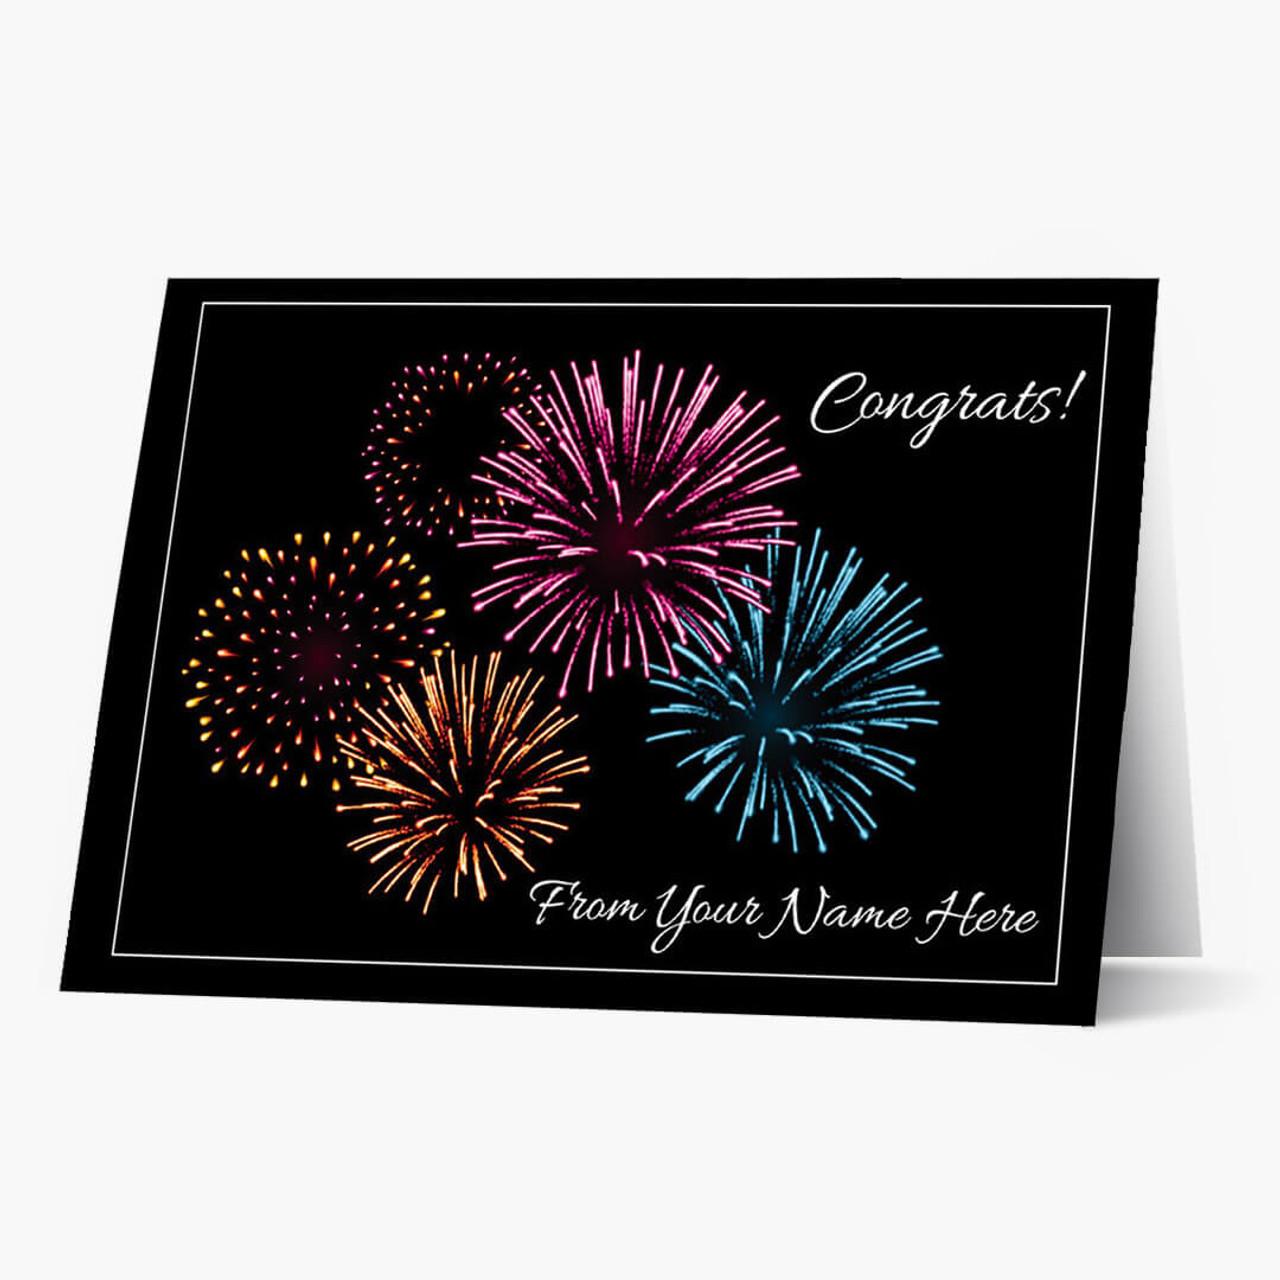 Explosive Congrats Card